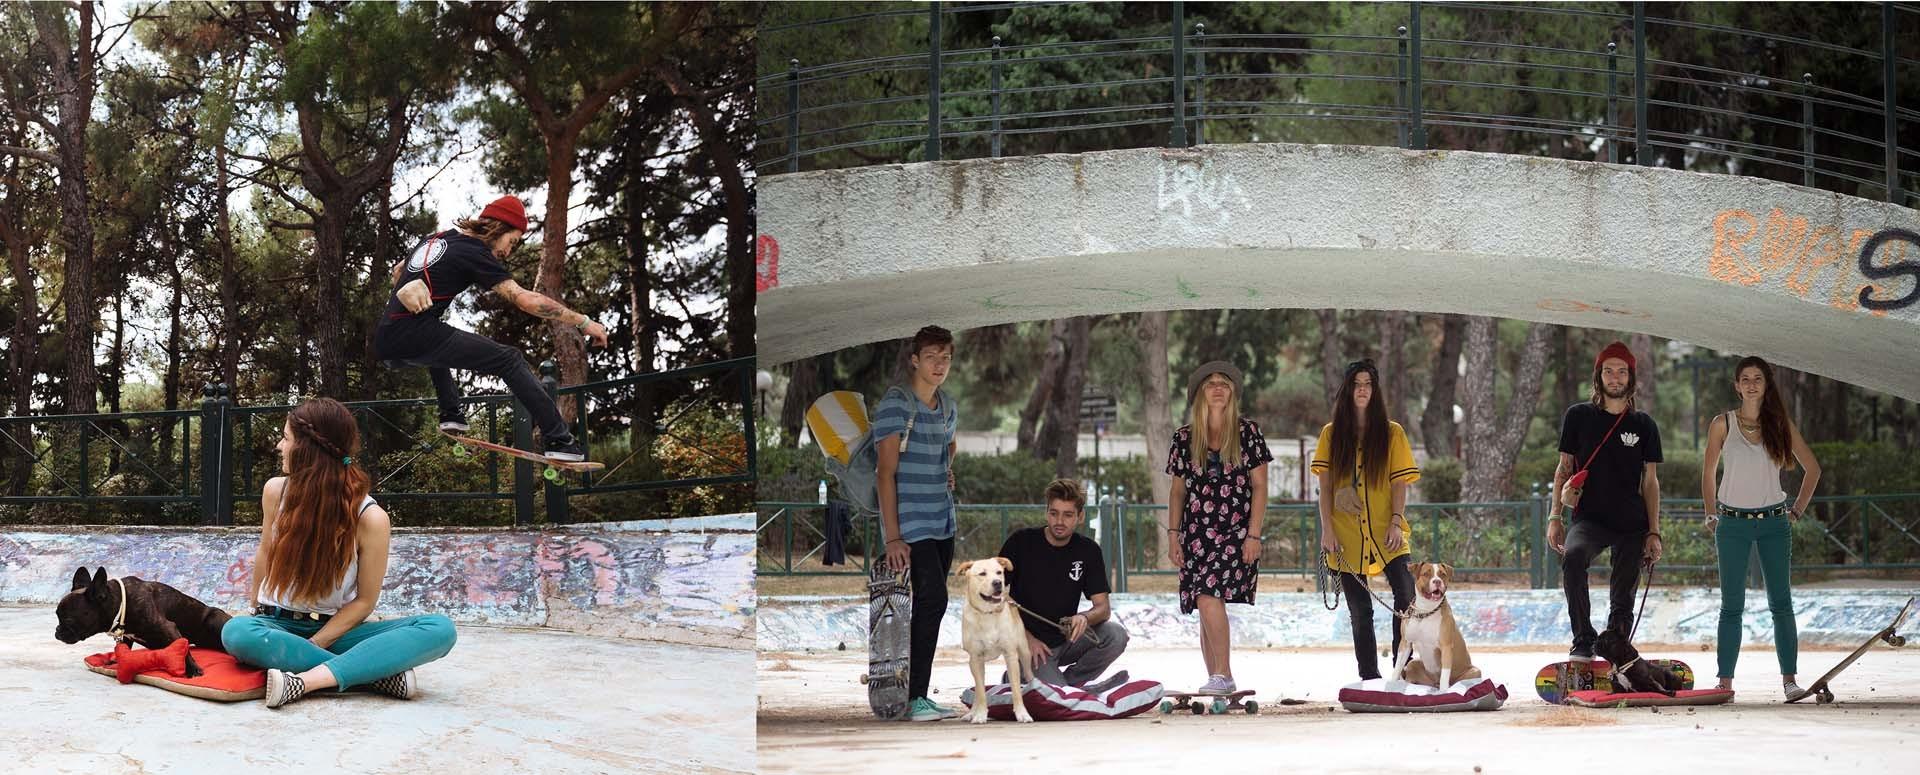 Skaters I